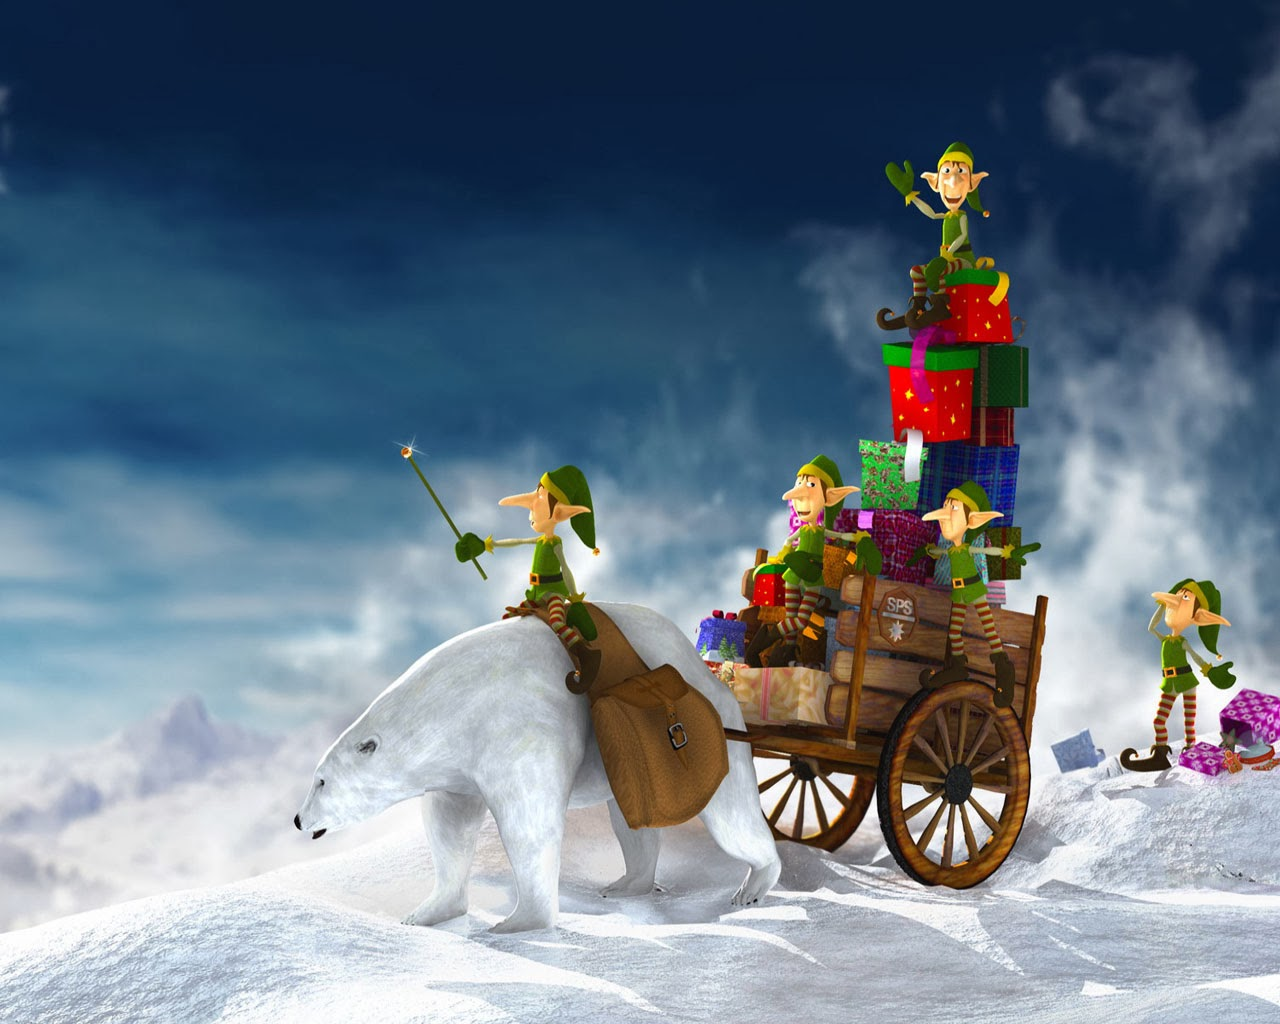 christmas screensavers - Animated Christmas Screensavers